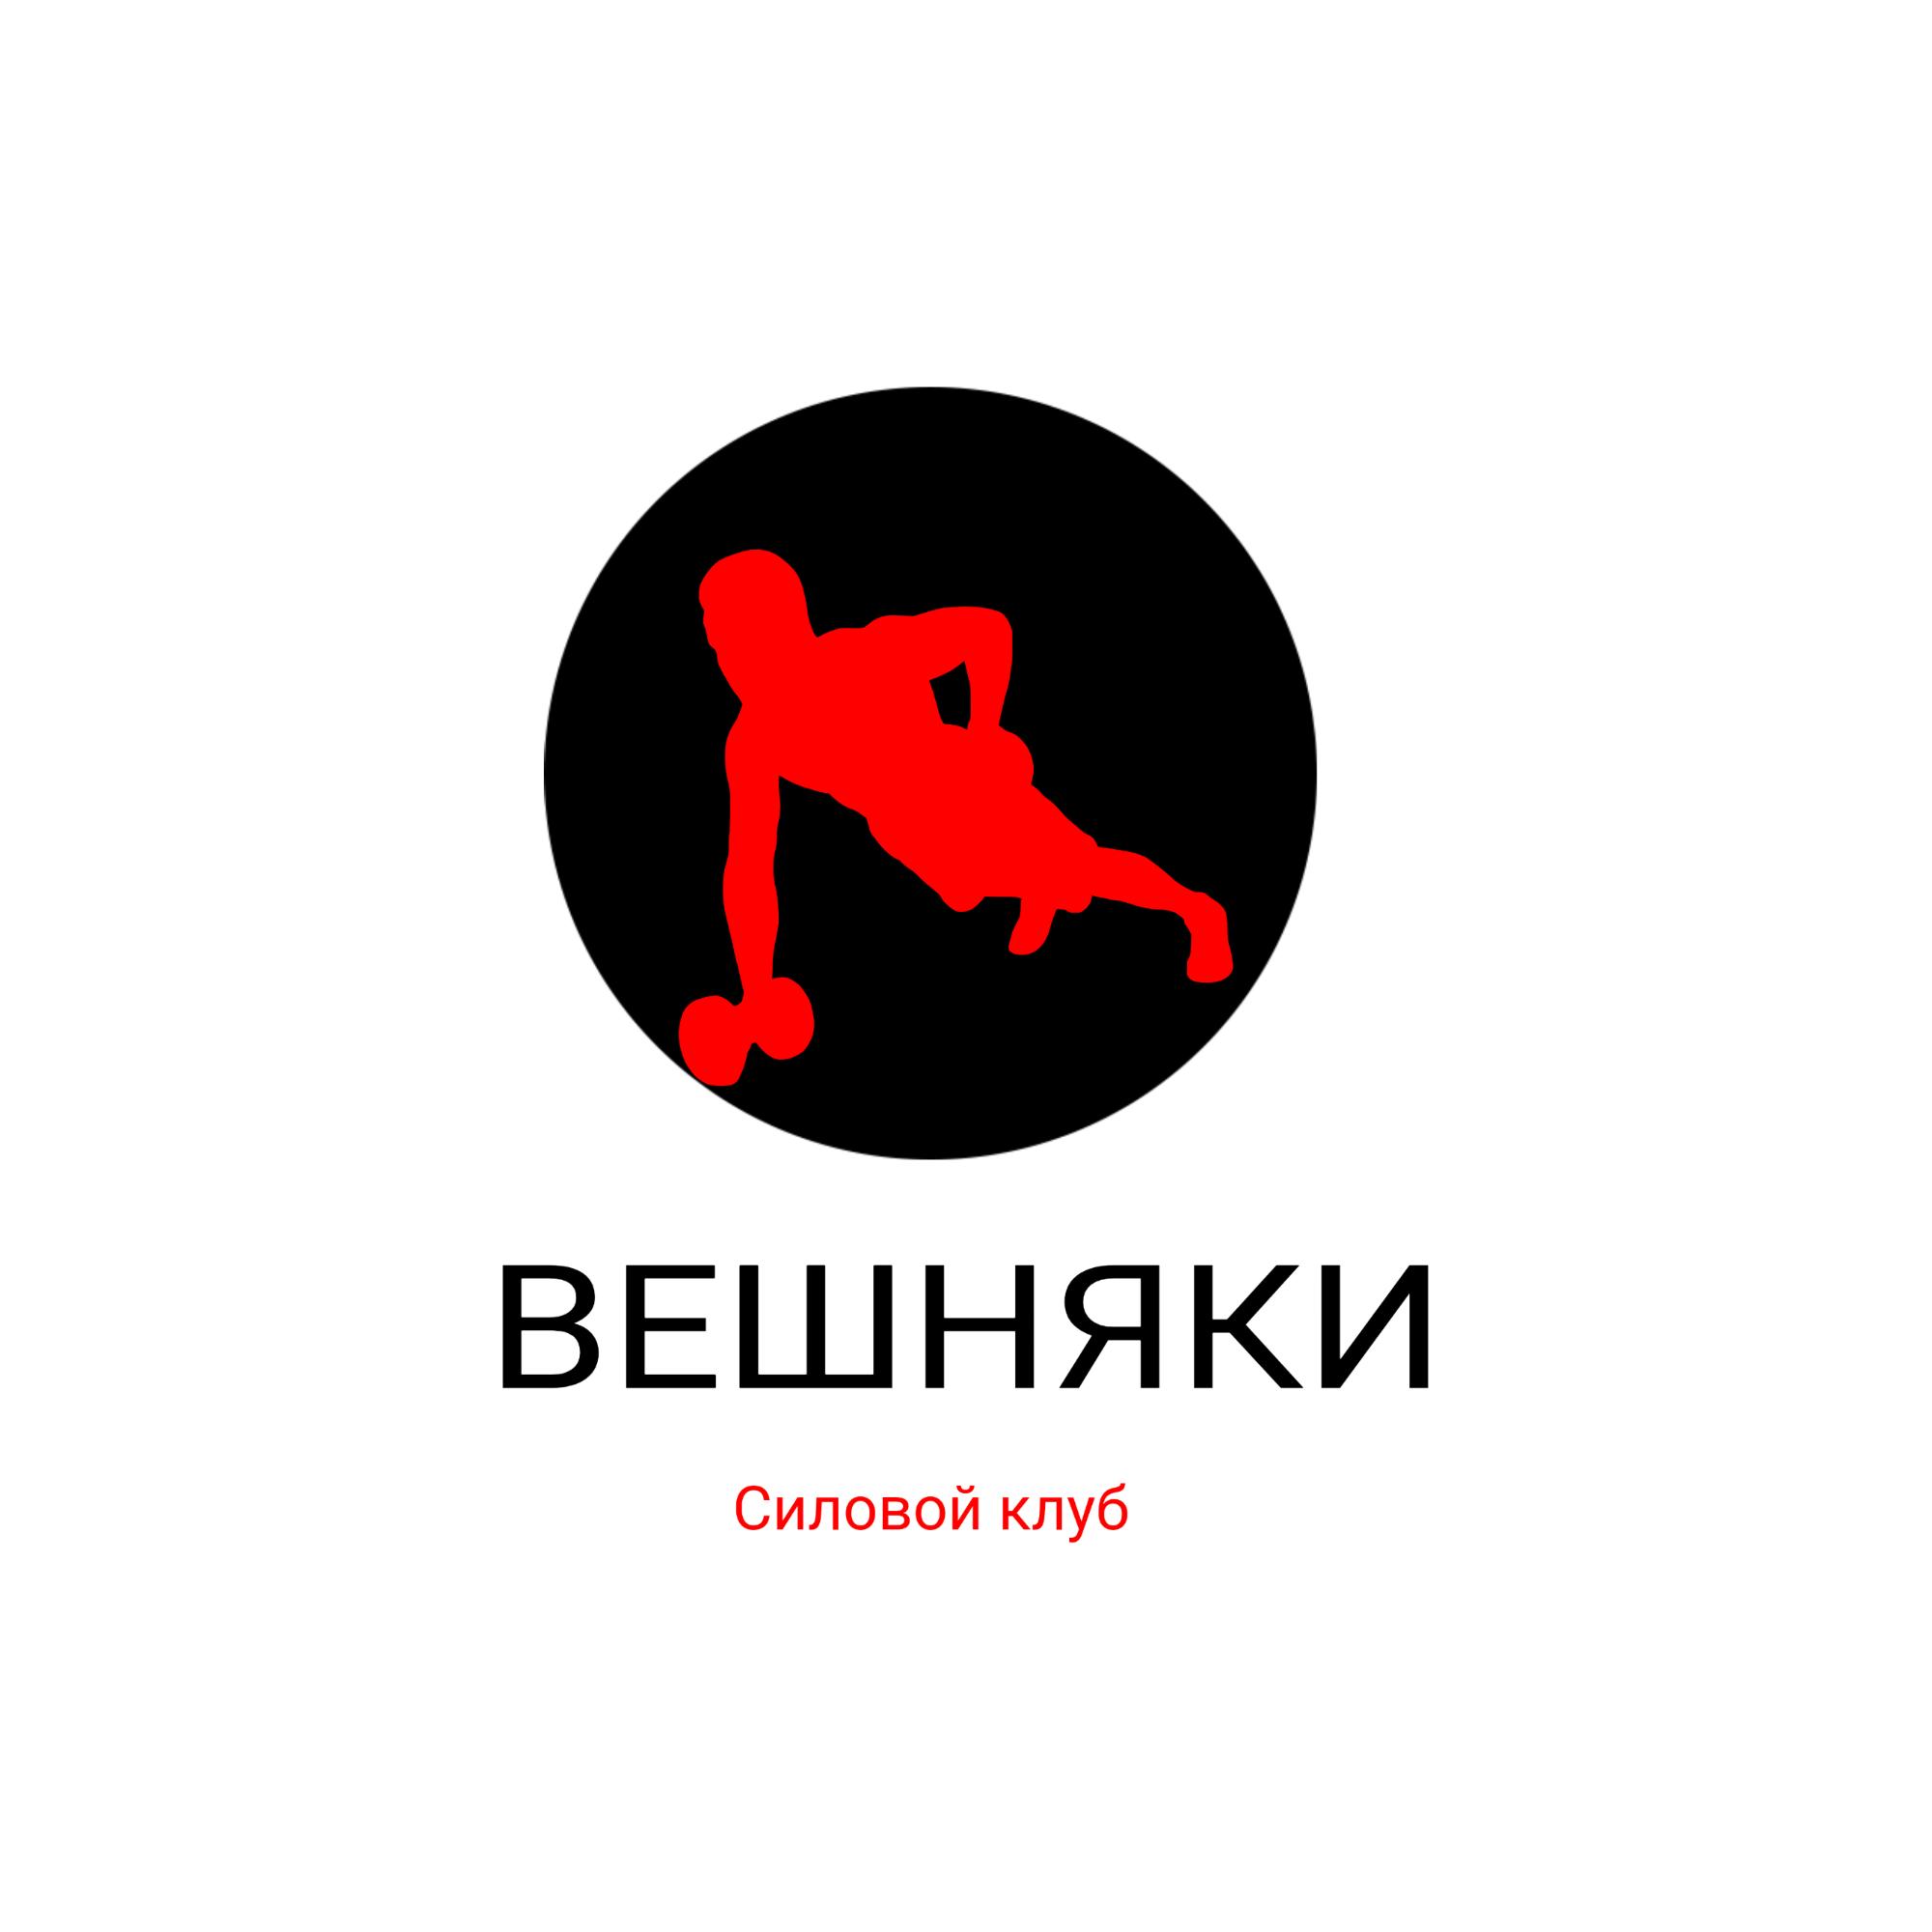 Адаптация (разработка) логотипа Силового клуба ВЕШНЯКИ в инт фото f_0795fb99aa4e4470.jpg